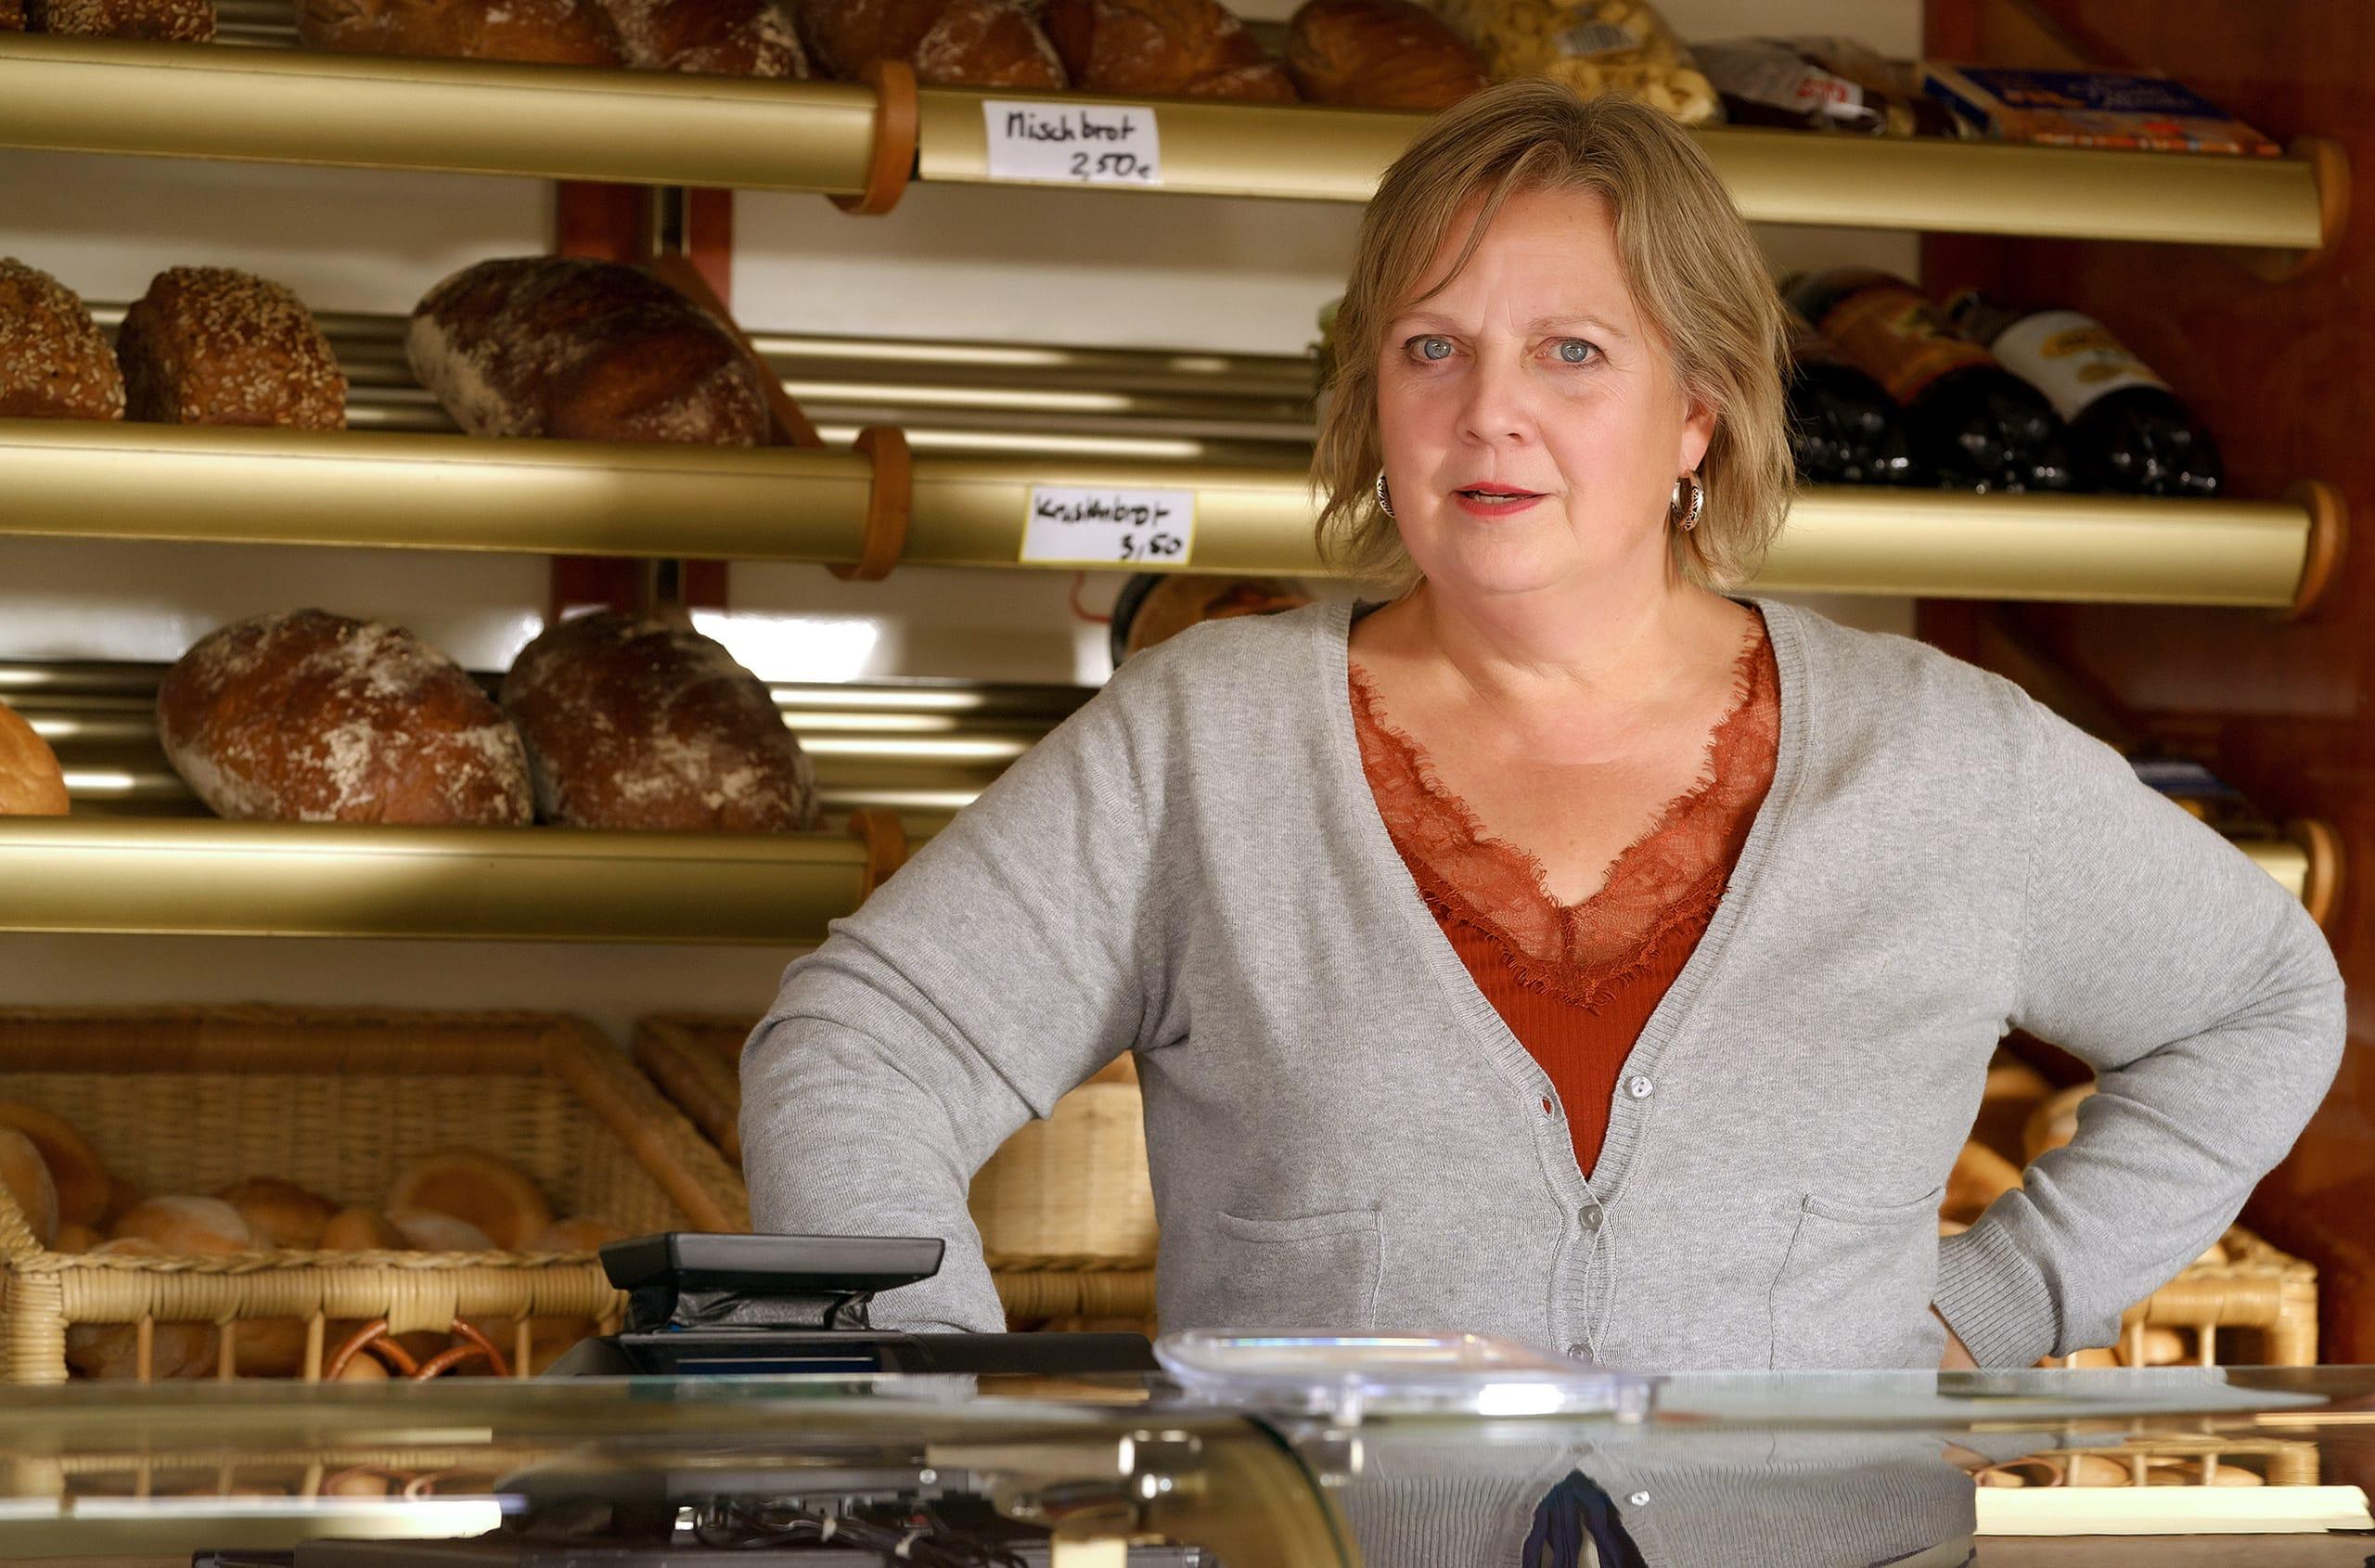 Tina mobil: Brot und Brezeln für Brandenburgs Dörfer